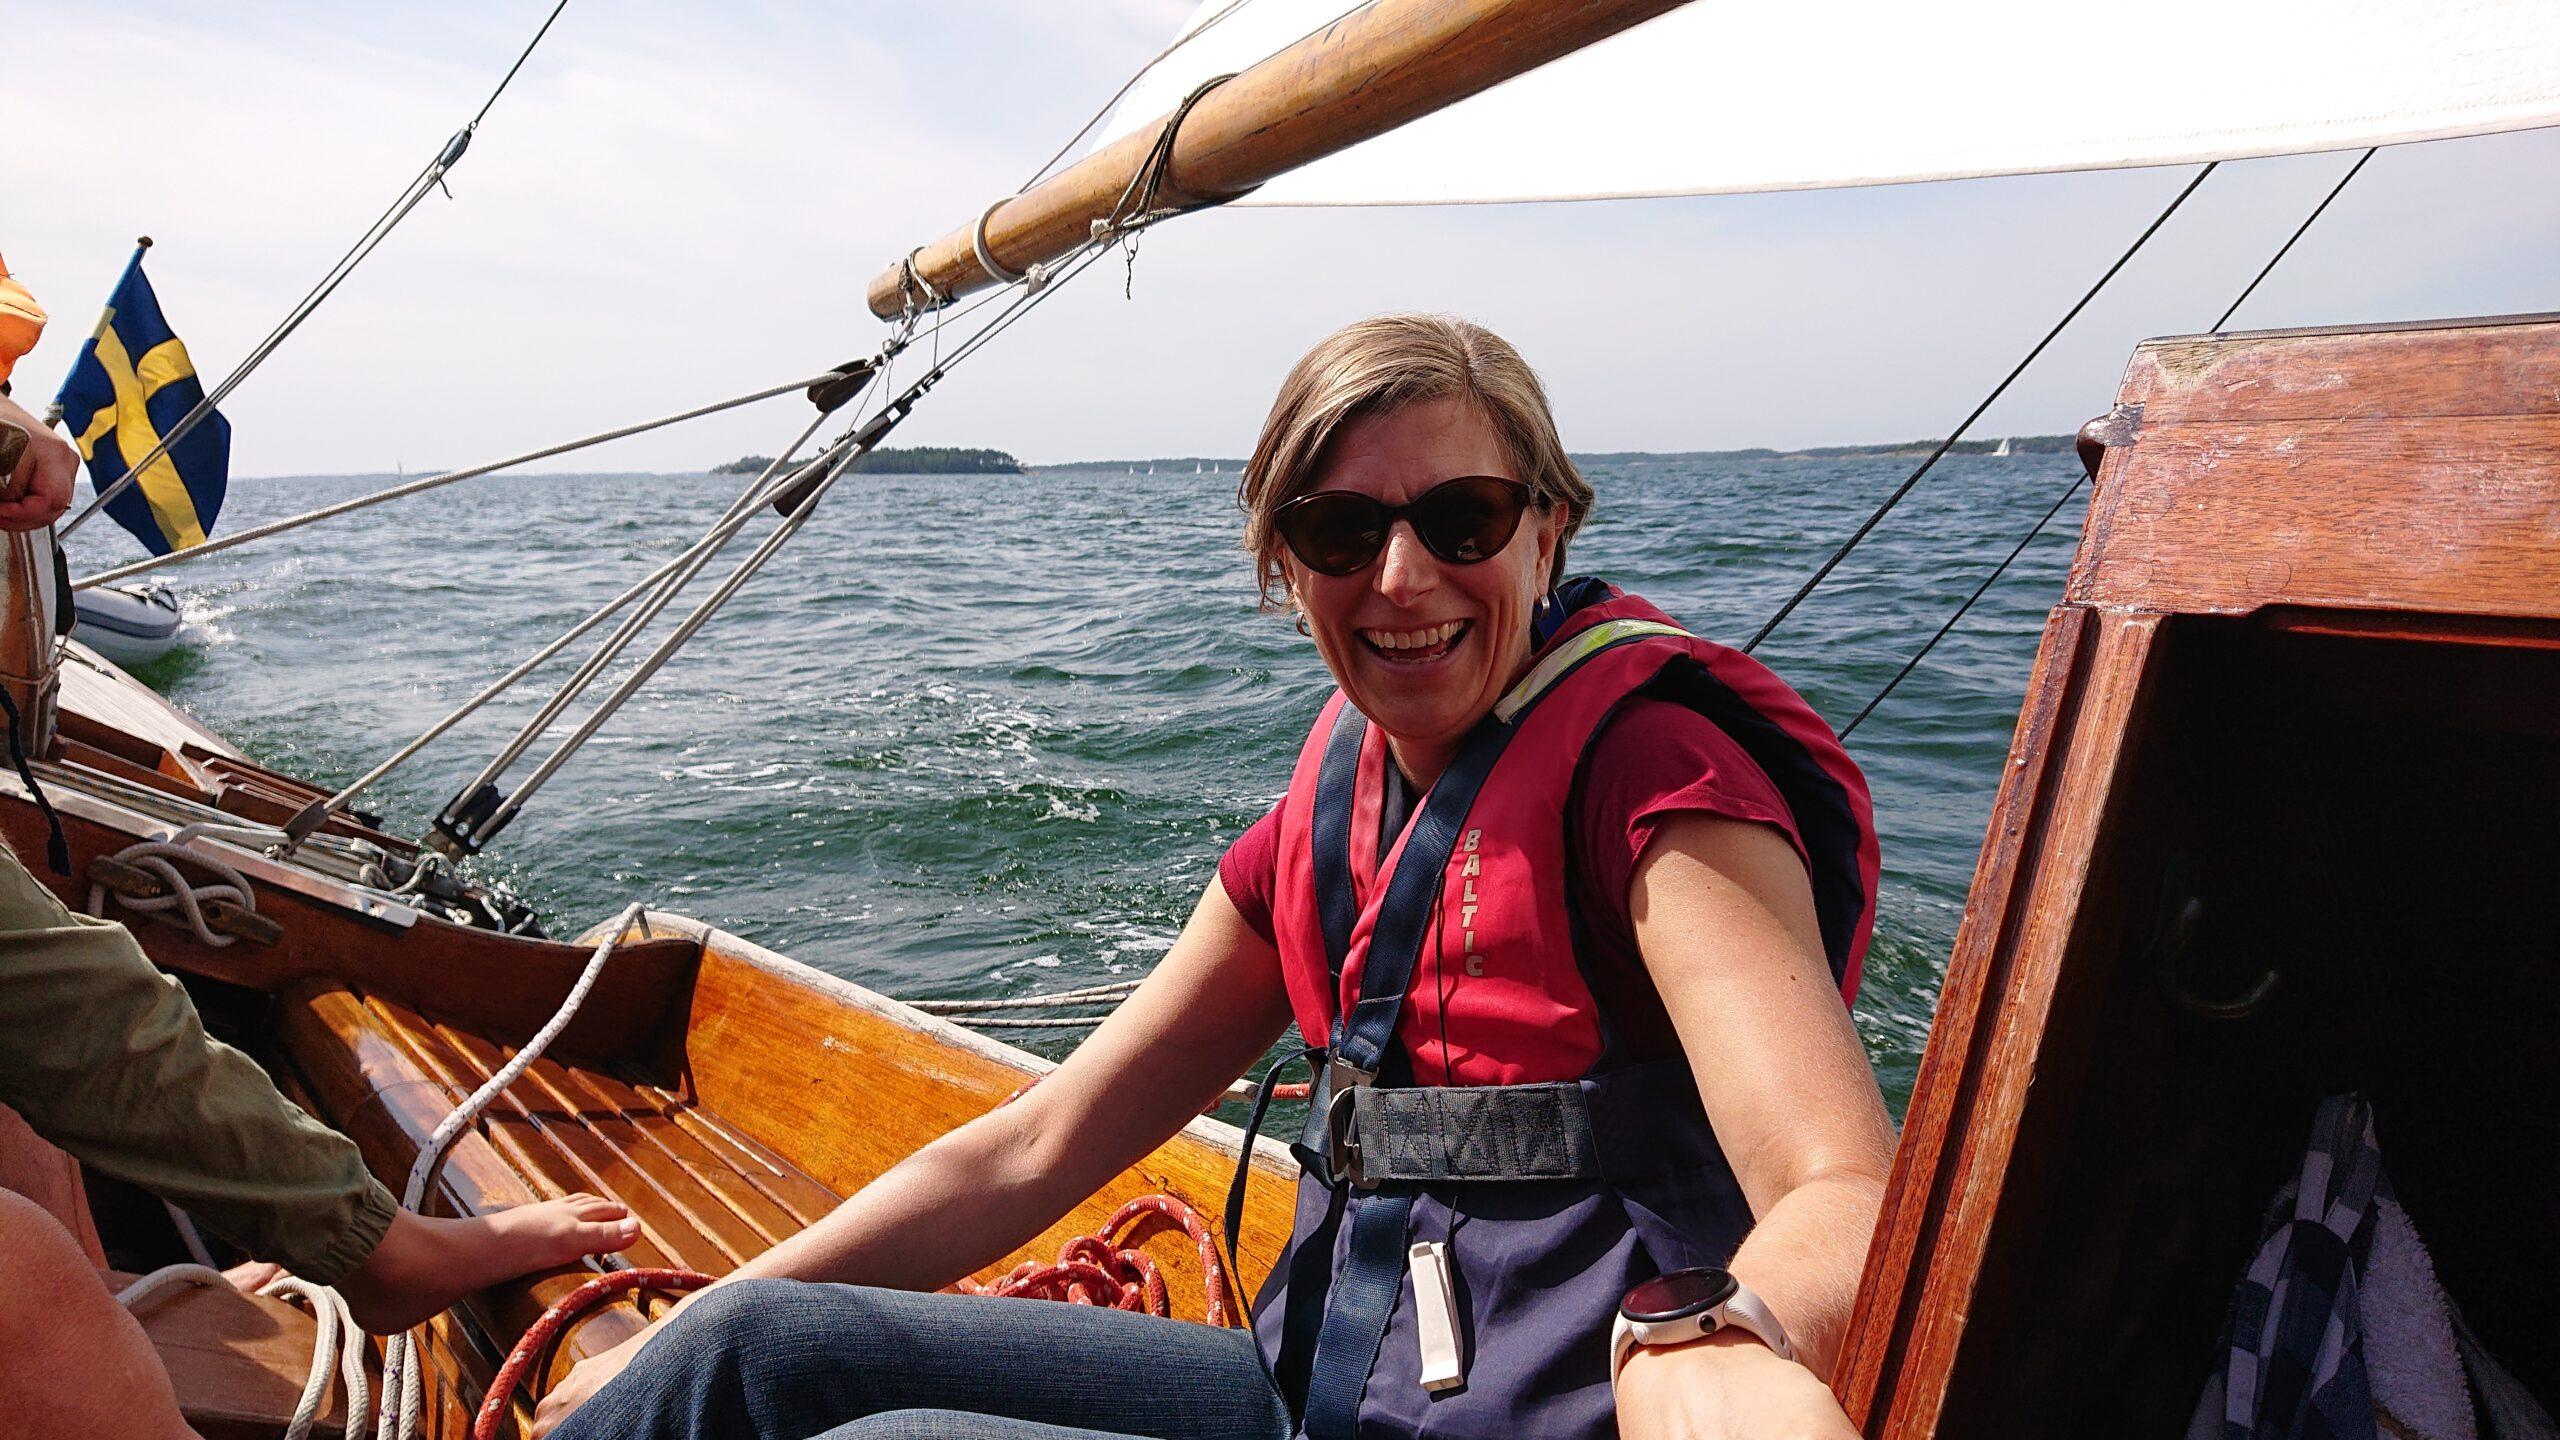 Härligt att segla. Hade vi med barnen?,  Foto © Magnus Swahn